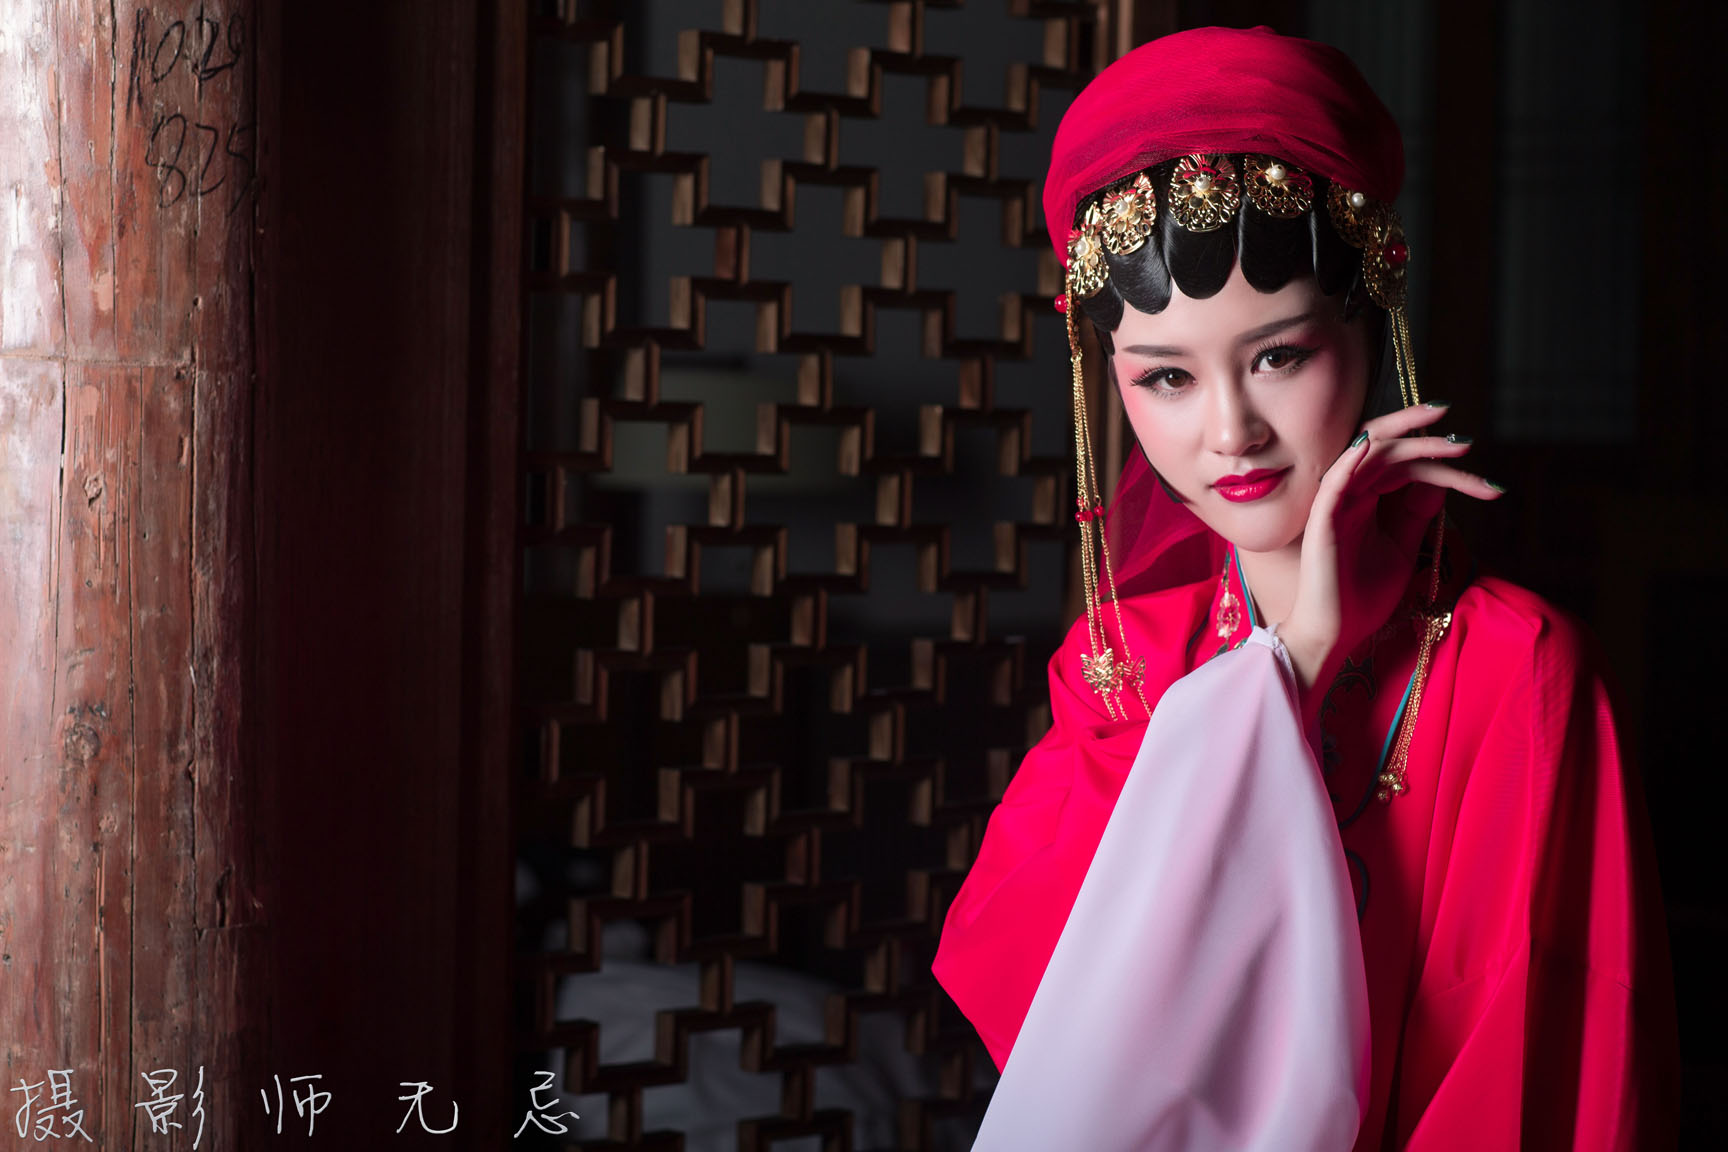 无忌影社-海棠春